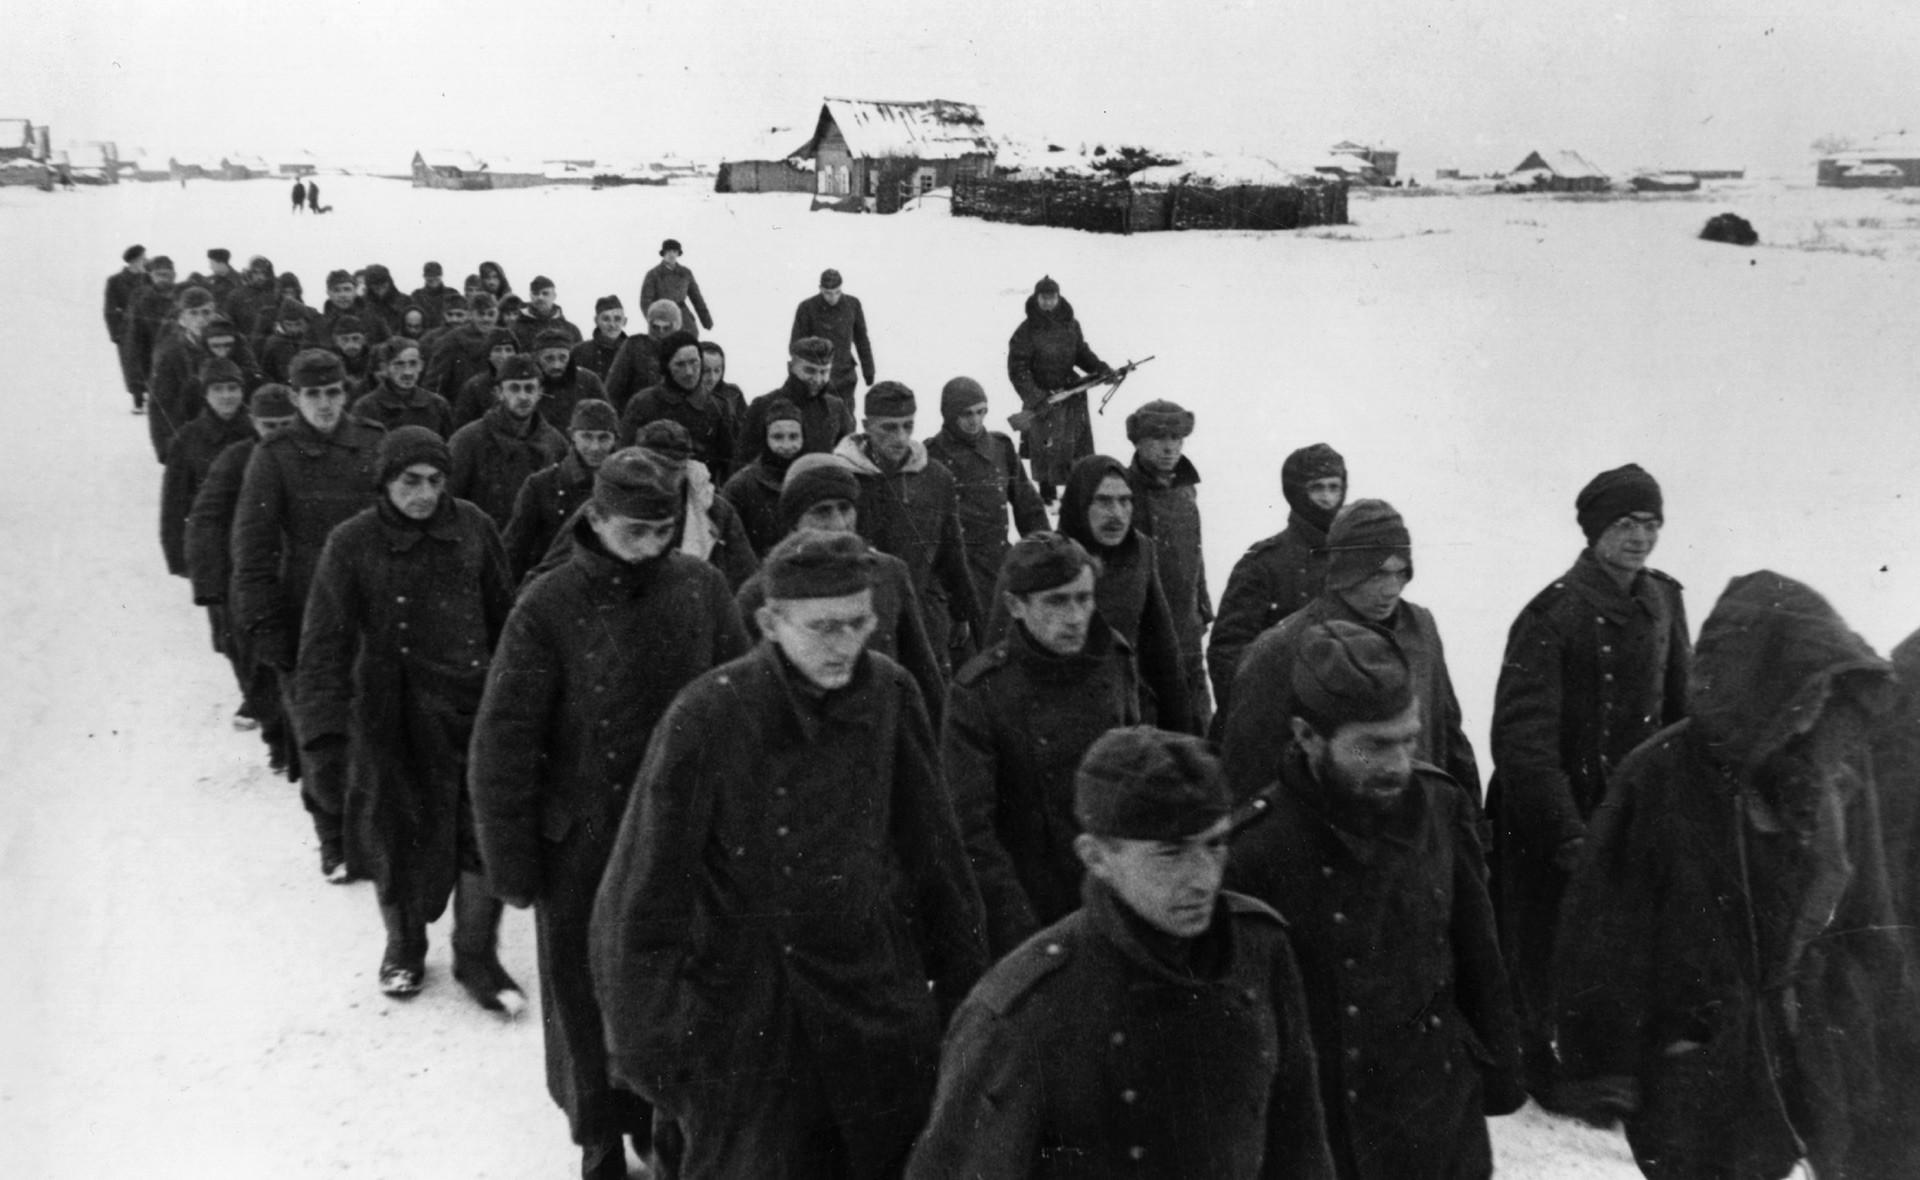 Soldados alemanes, capturados en parte gracias al trabajo de Sudoplátov durante la Segunda Guerra Mundial.